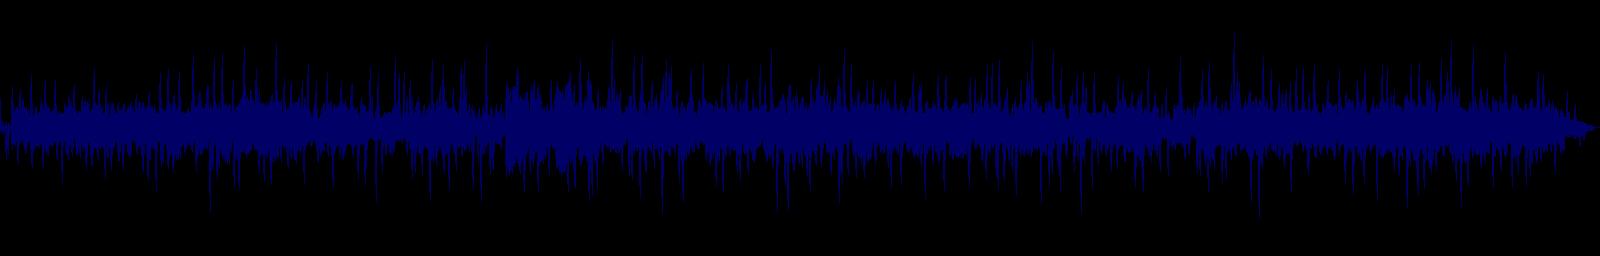 waveform of track #131339